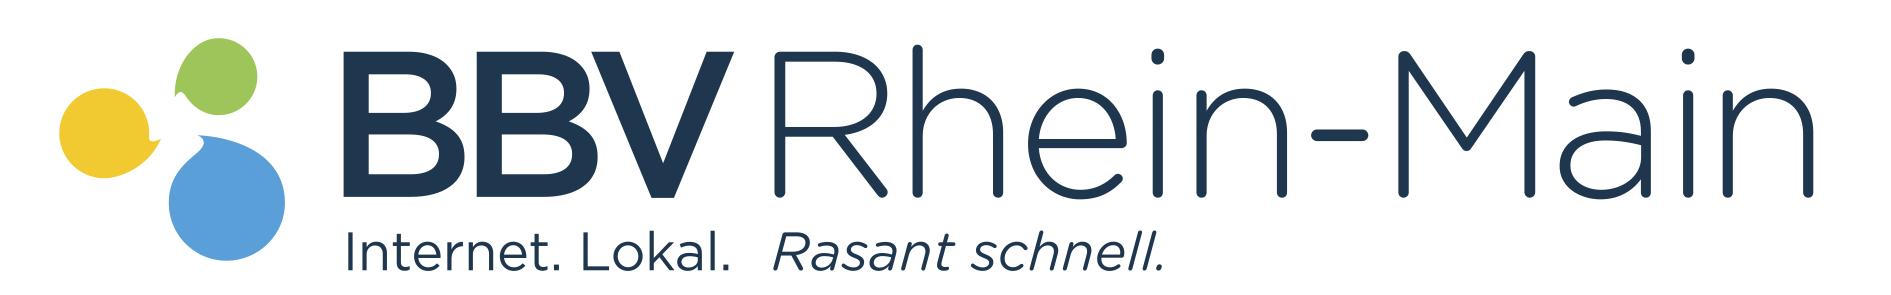 BBV Rhein-Main